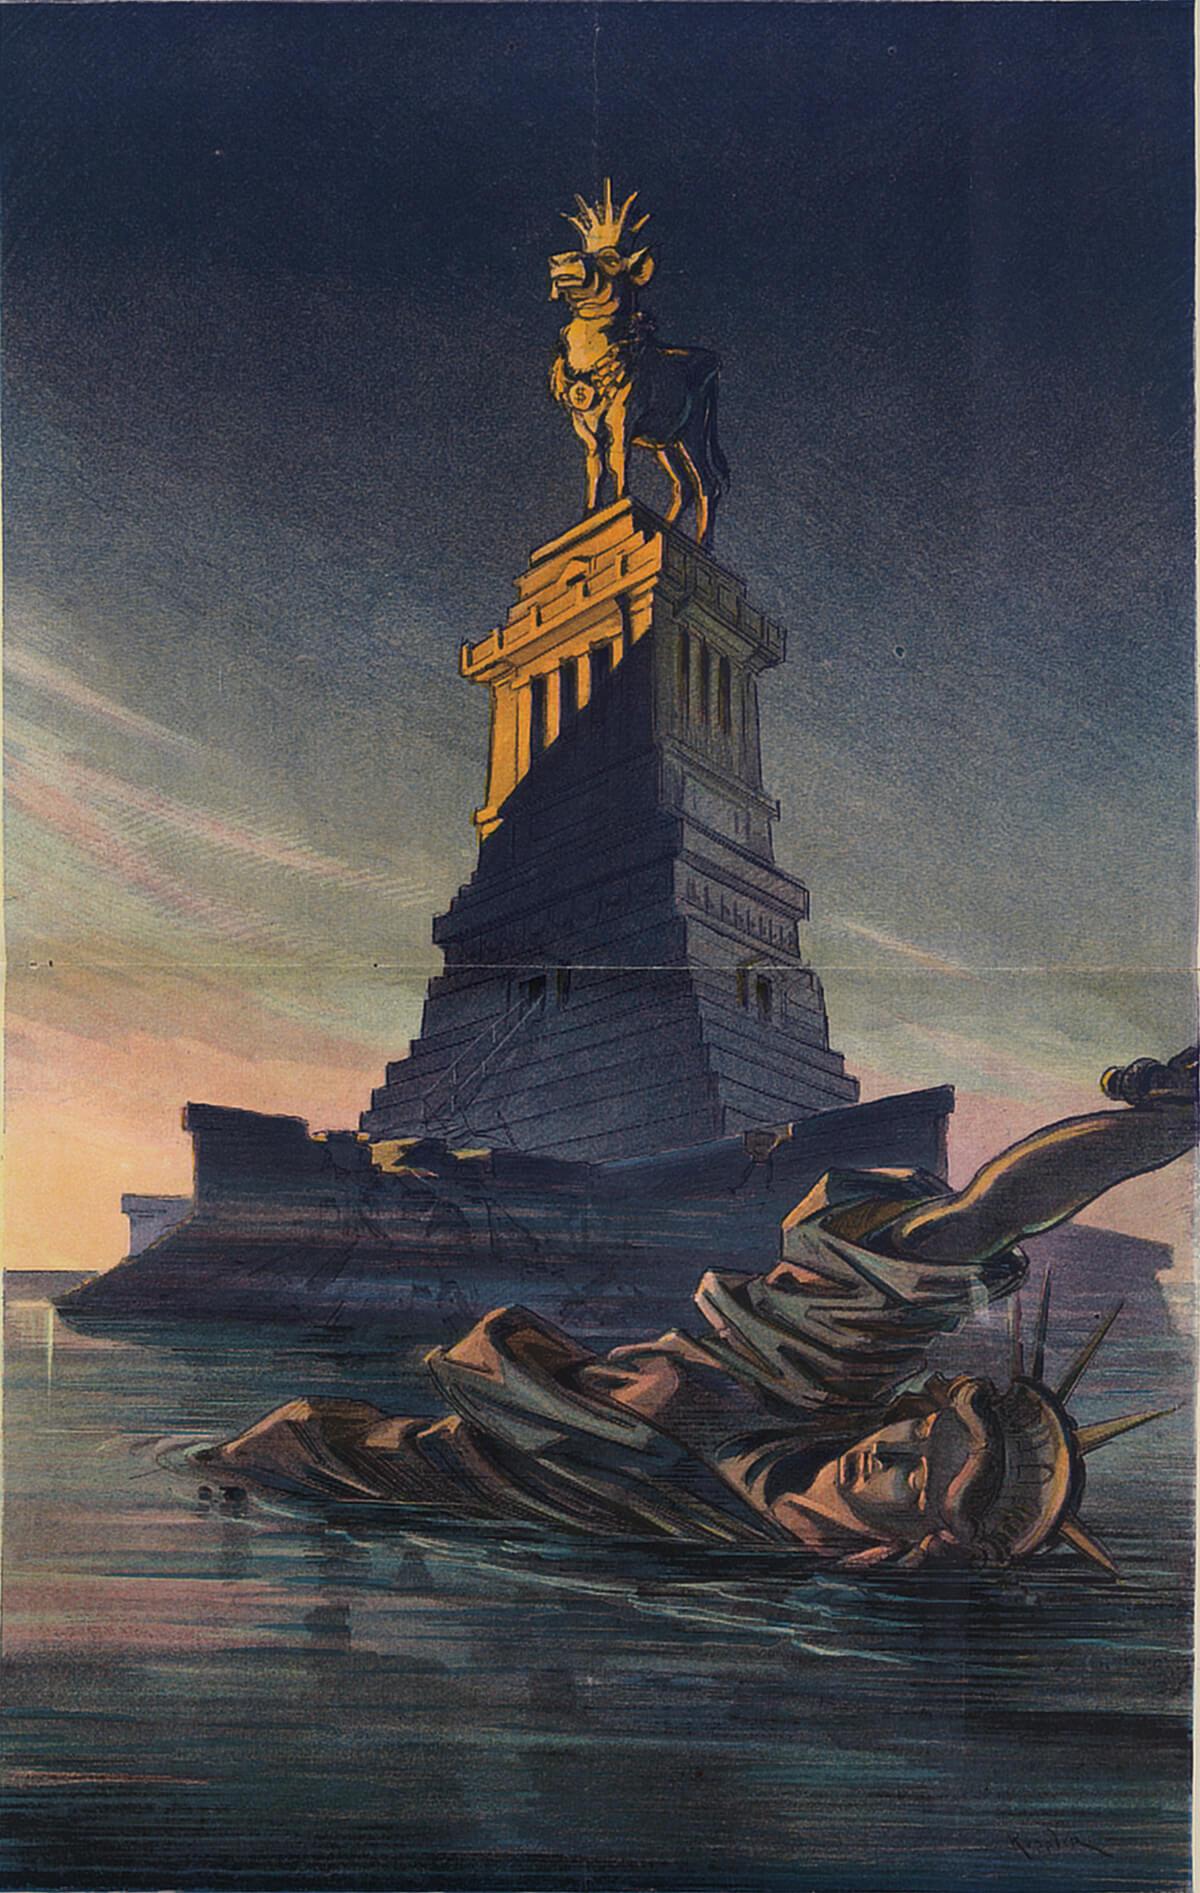 Trump's America by Udo Keppler